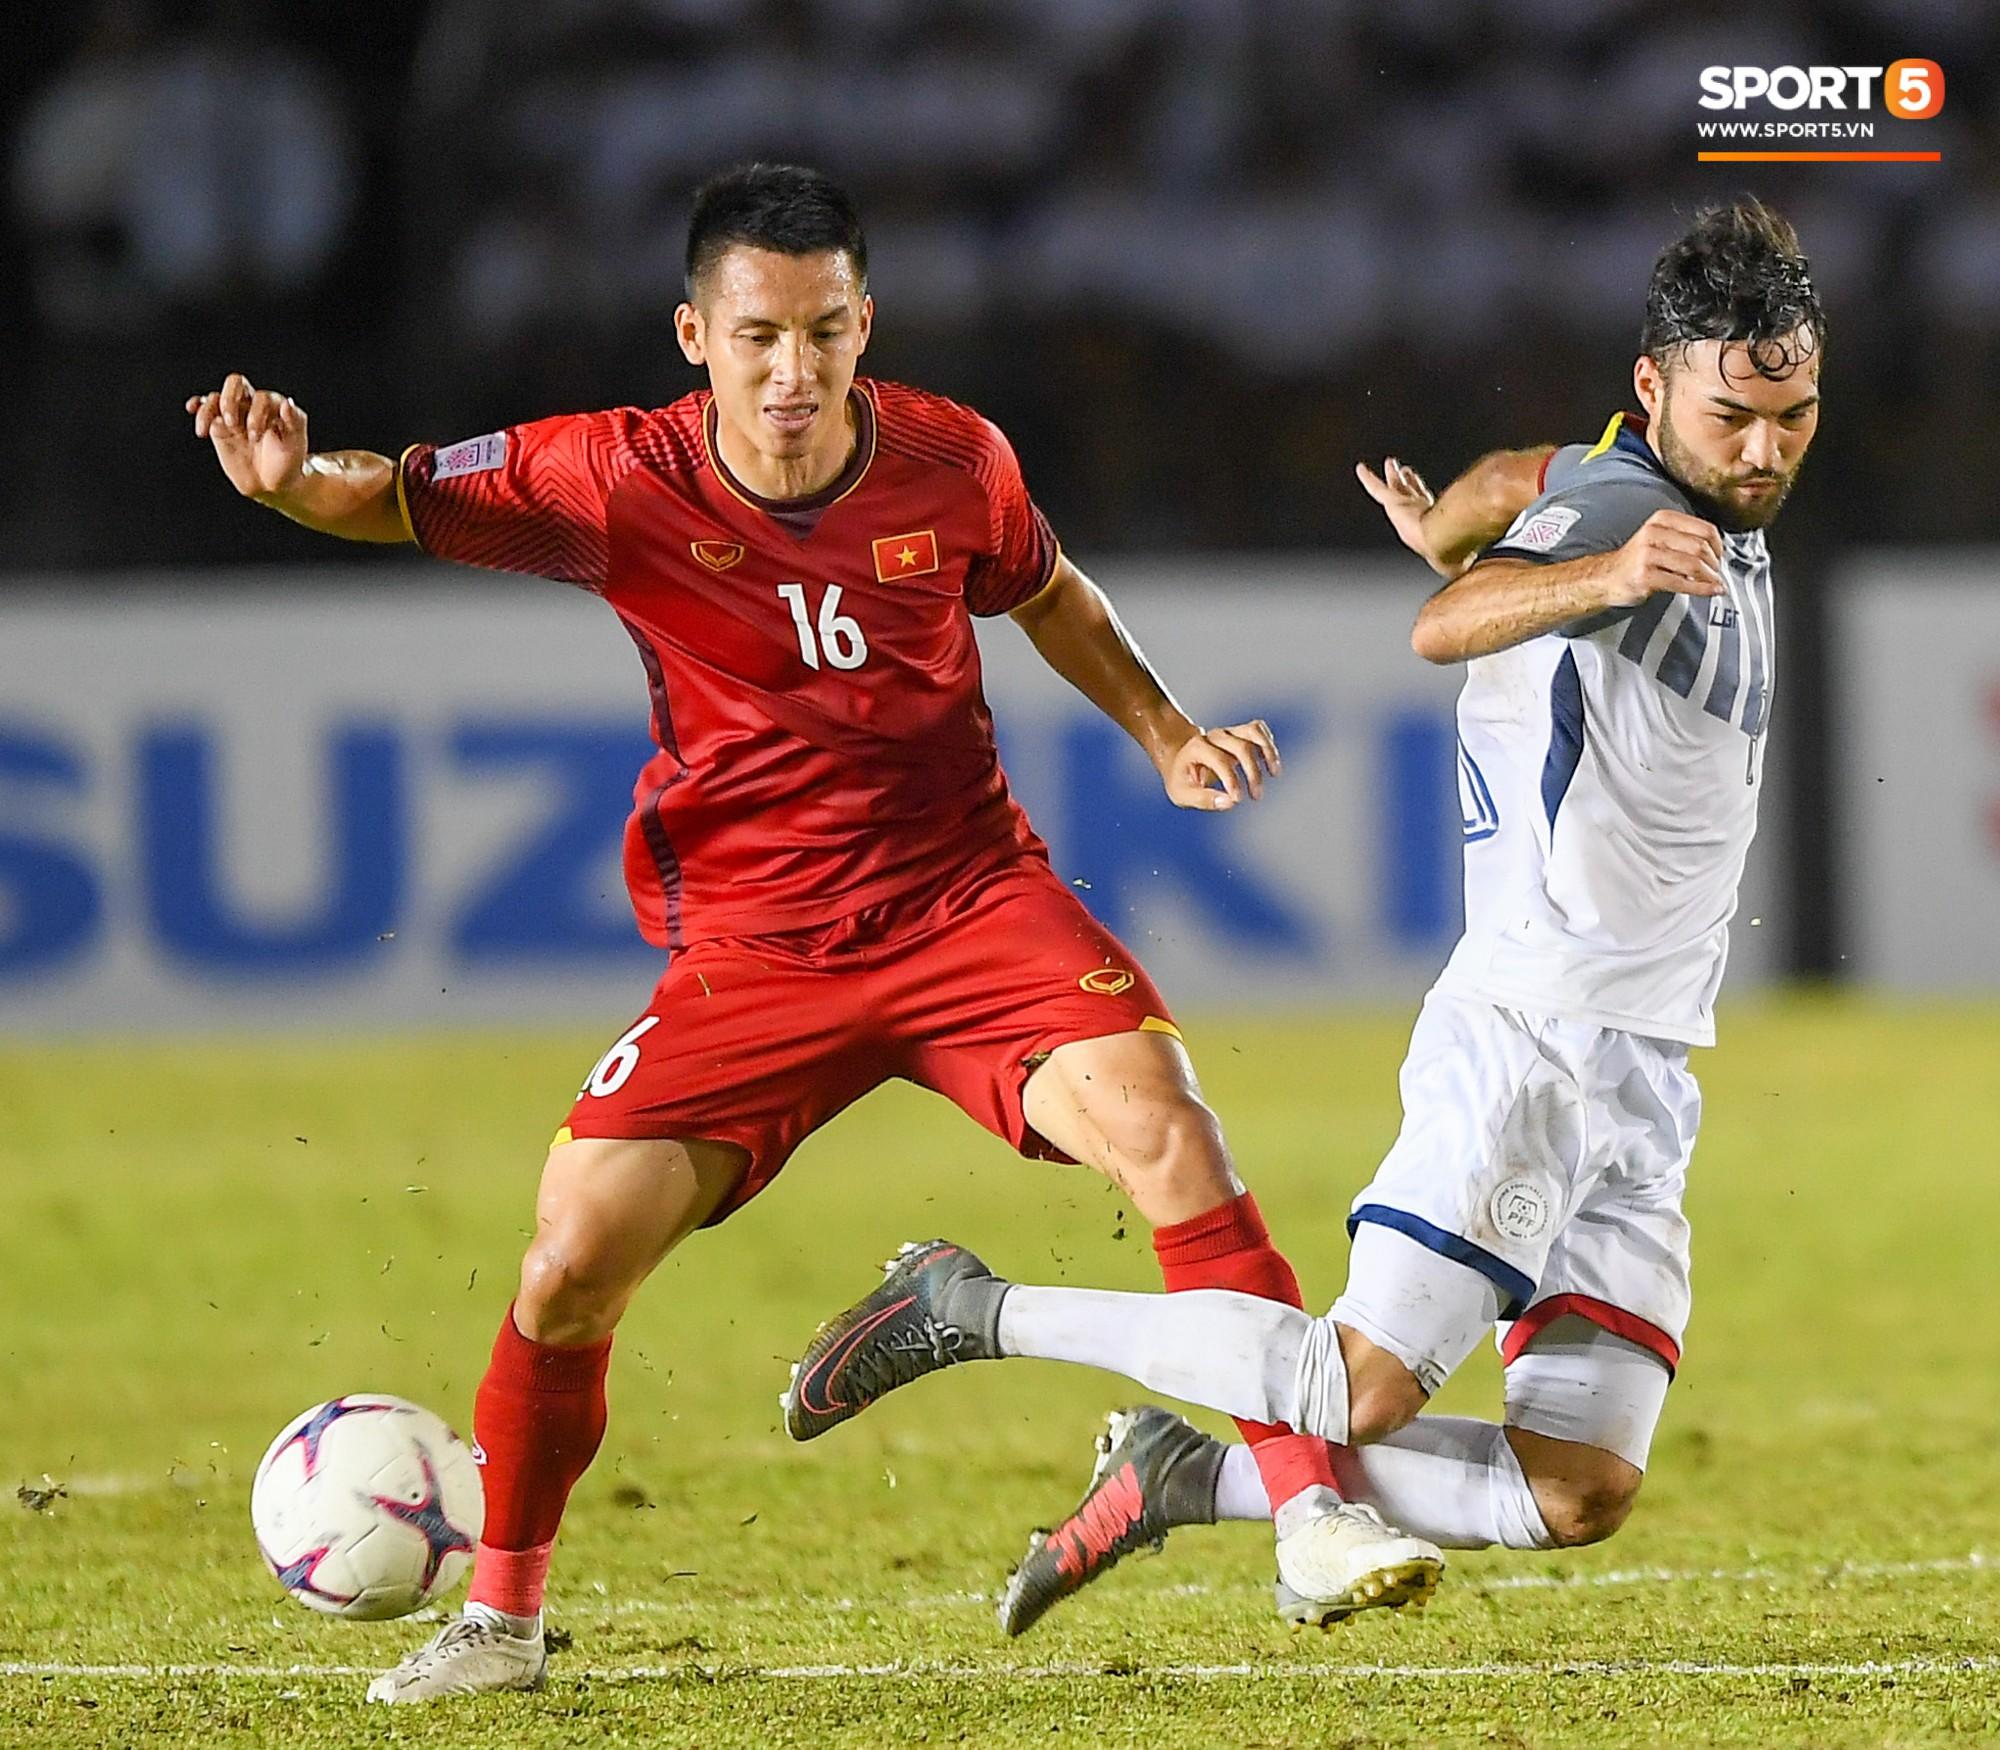 Tuyển Việt Nam có thể phải đá hiệp phụ với Philippines tại bán kết AFF Cup 2018-1